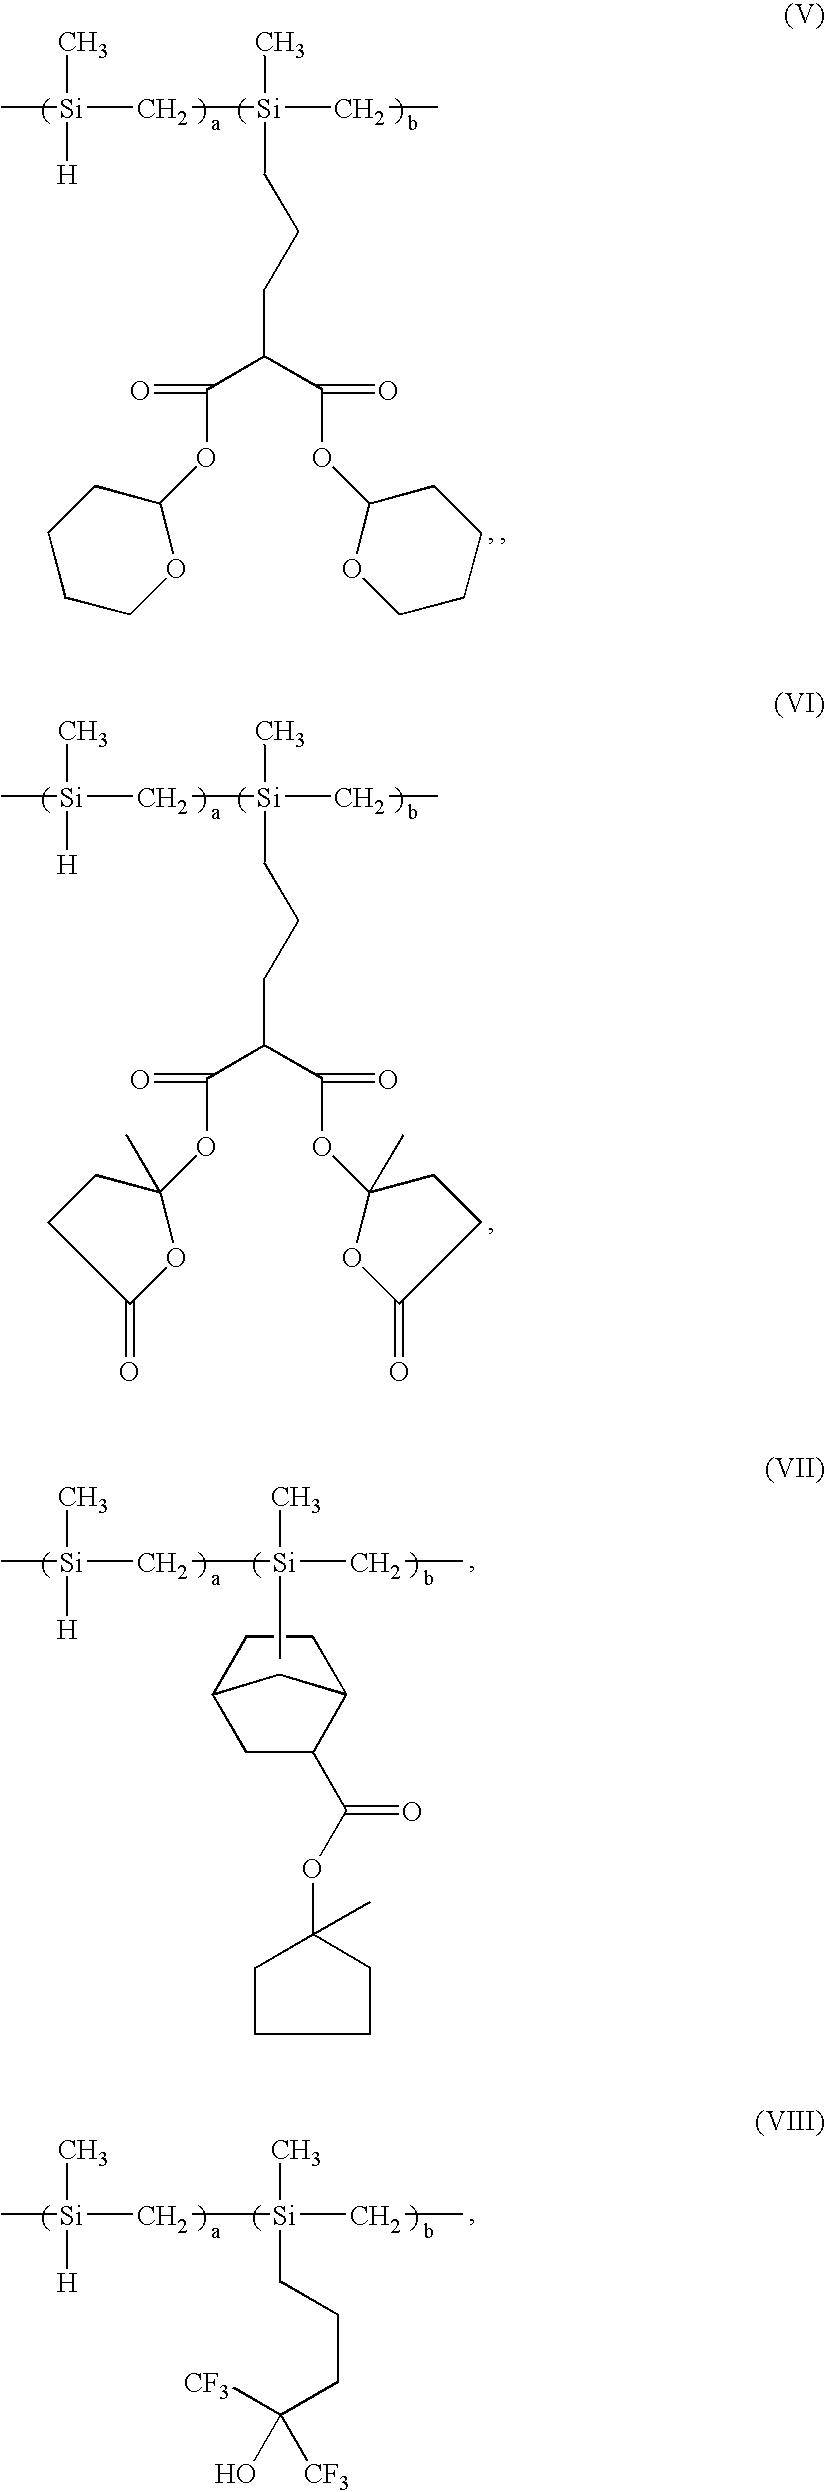 Figure US20090081598A1-20090326-C00013